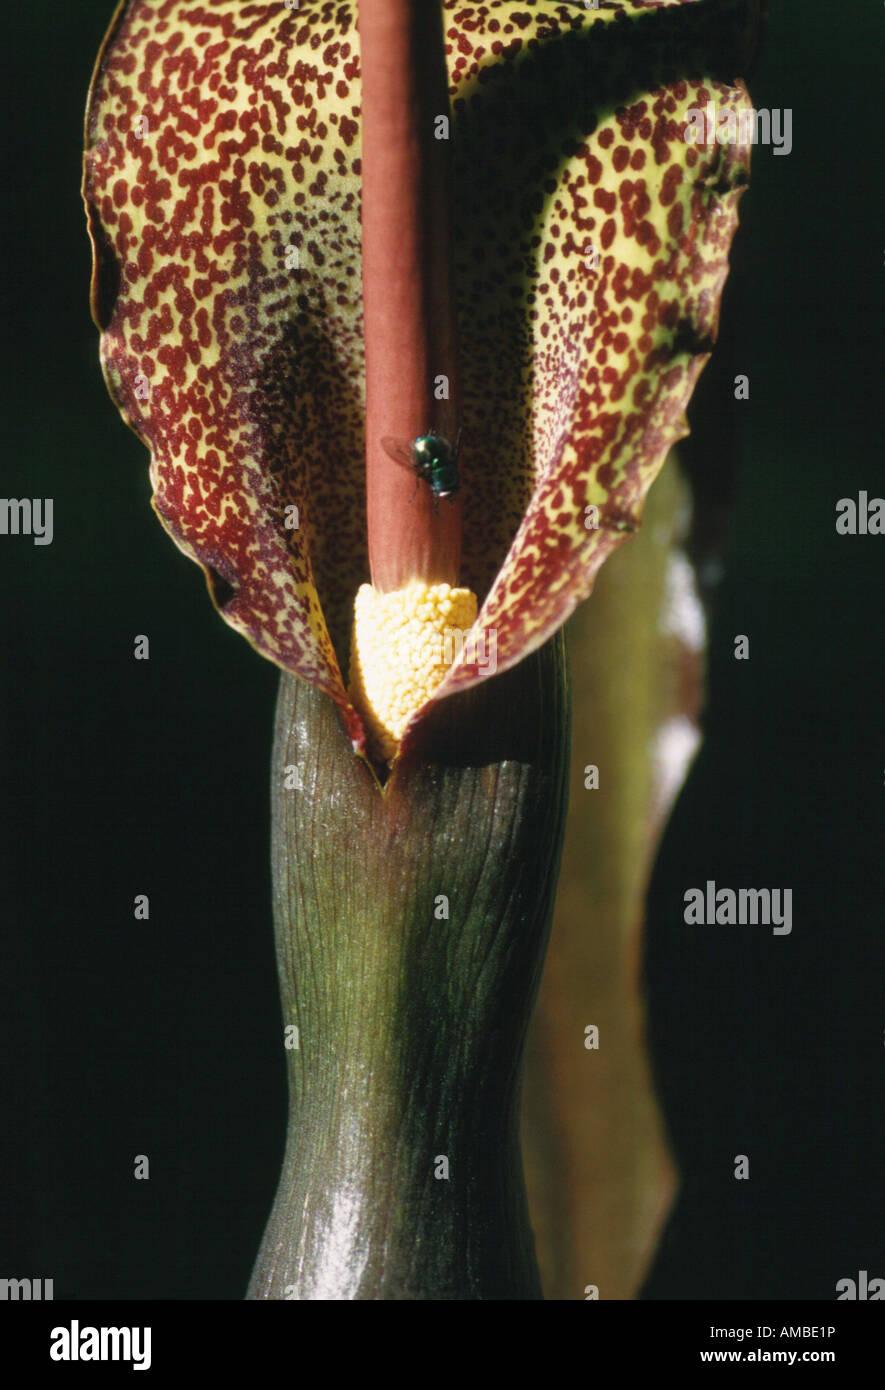 Voodoo Lily (Sauromatum venosum, Sauromatum guttatum, Arum cornutum), inflorescence with fly Stock Photo